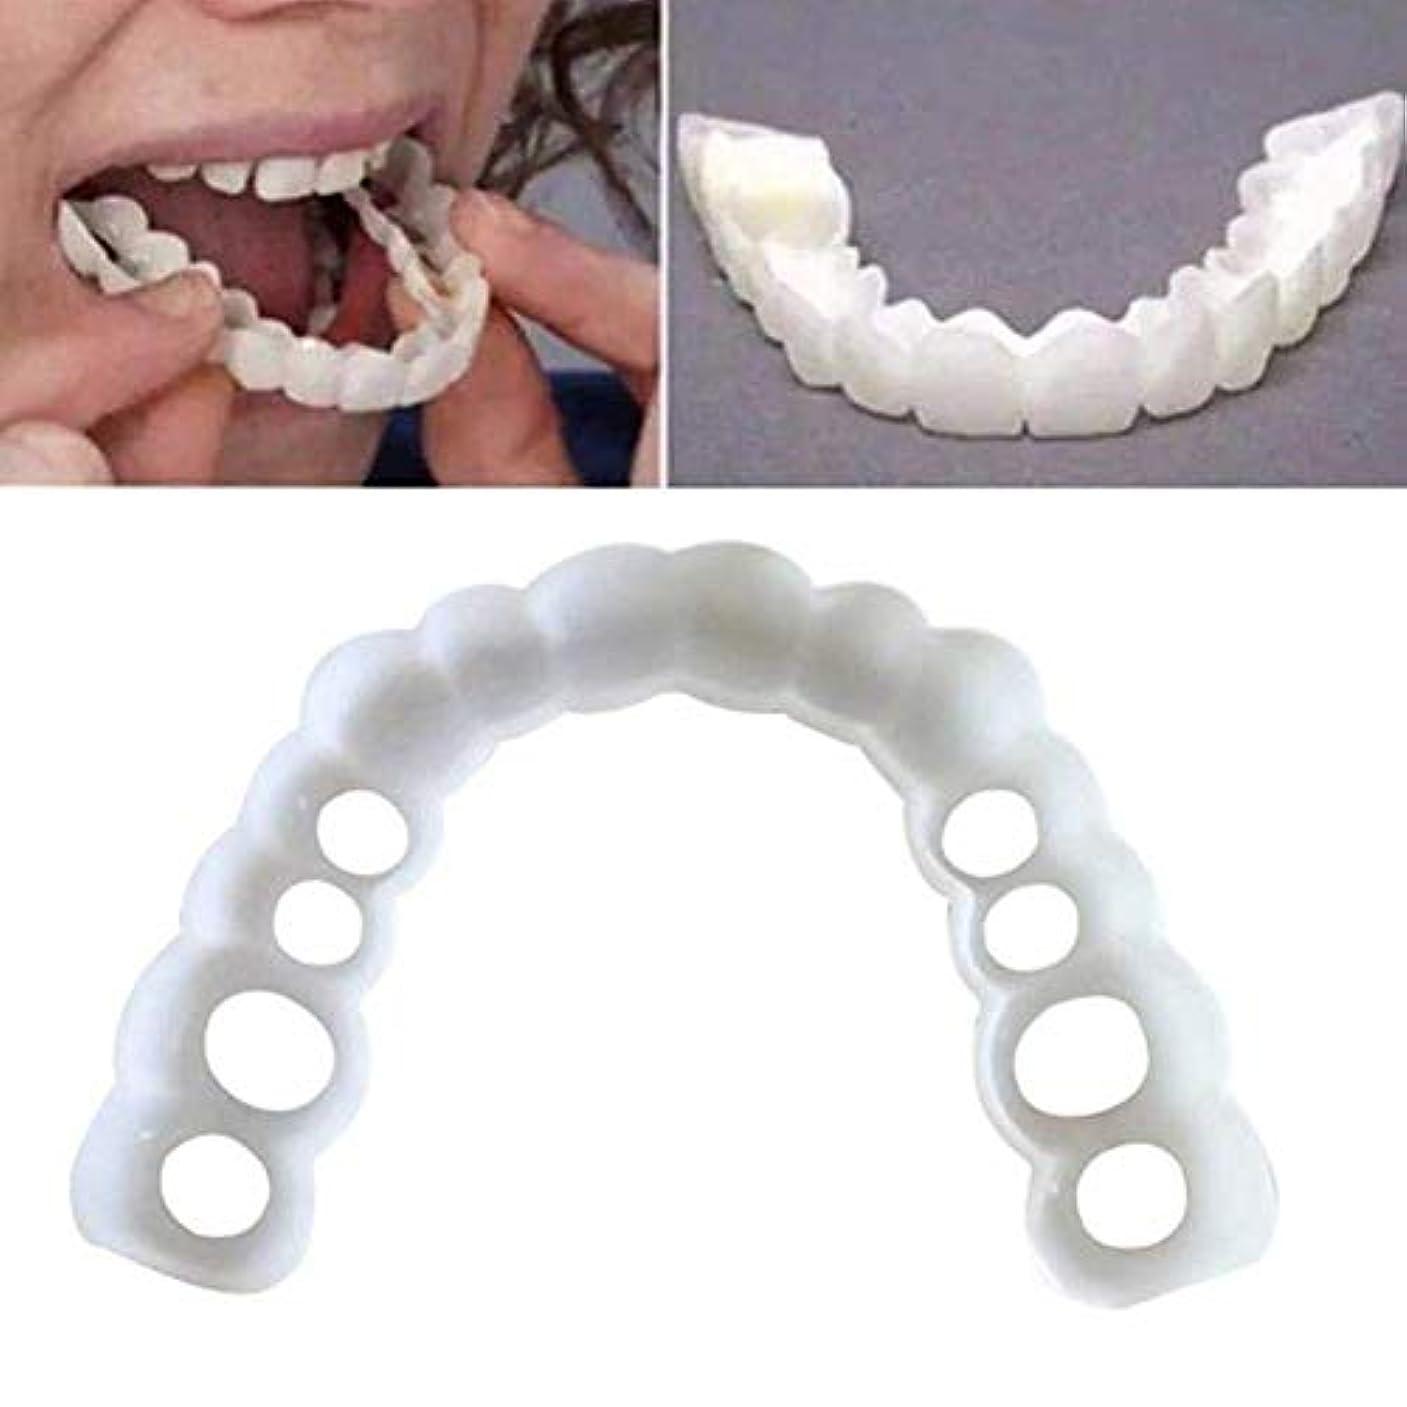 聴く理解メアリアンジョーンズソフト化粧品歯のための適切な美しいコンフォートの2ペアは、上部と下部のメイクベニアを入れ歯